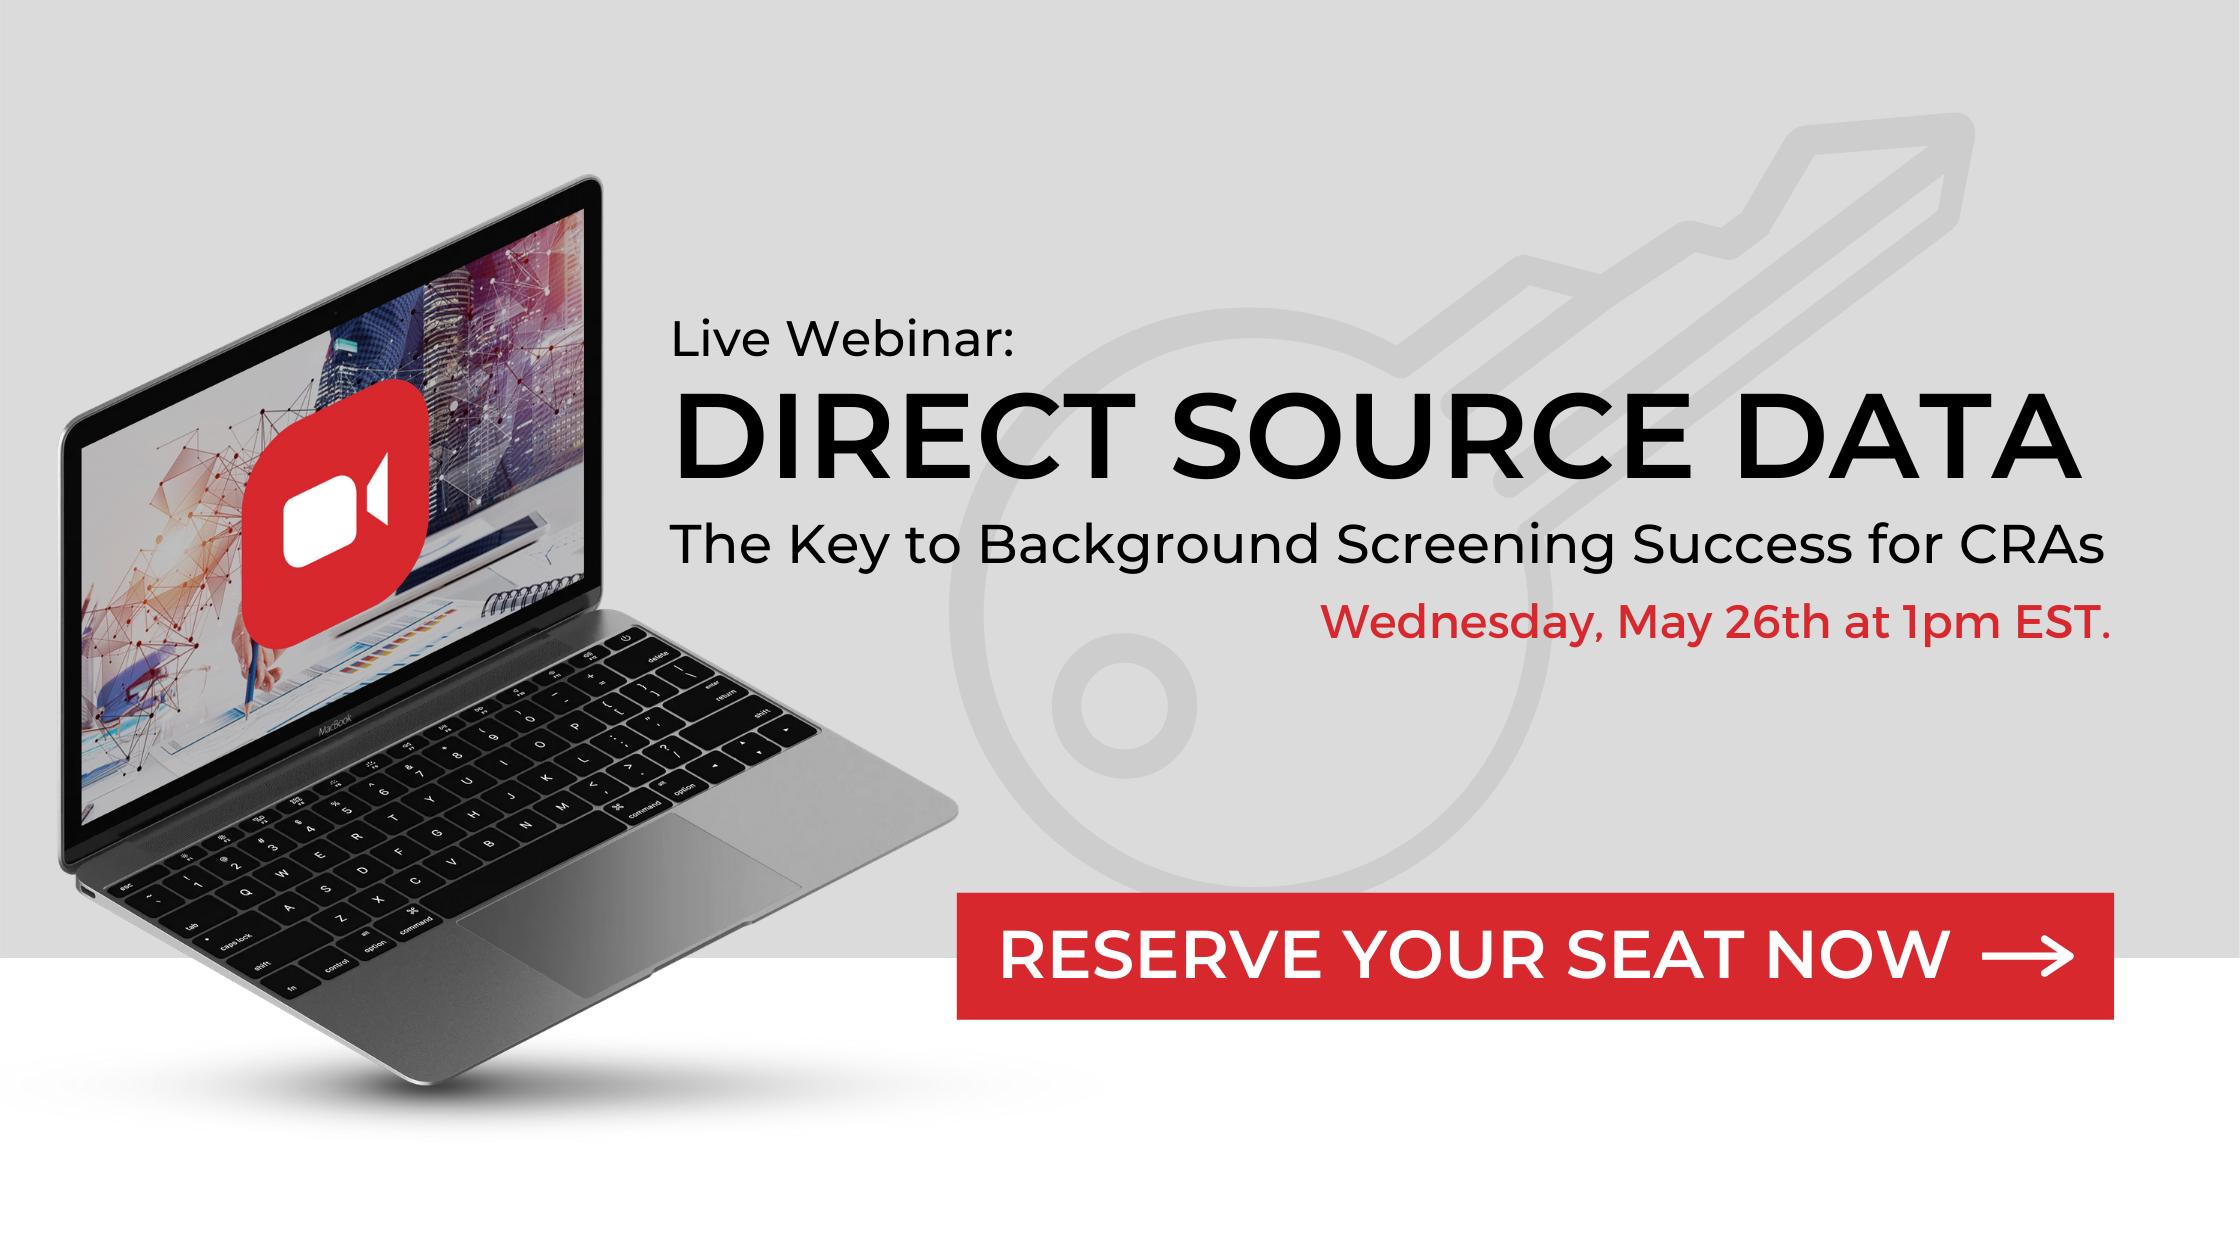 Direct Source Data Blog Header Image